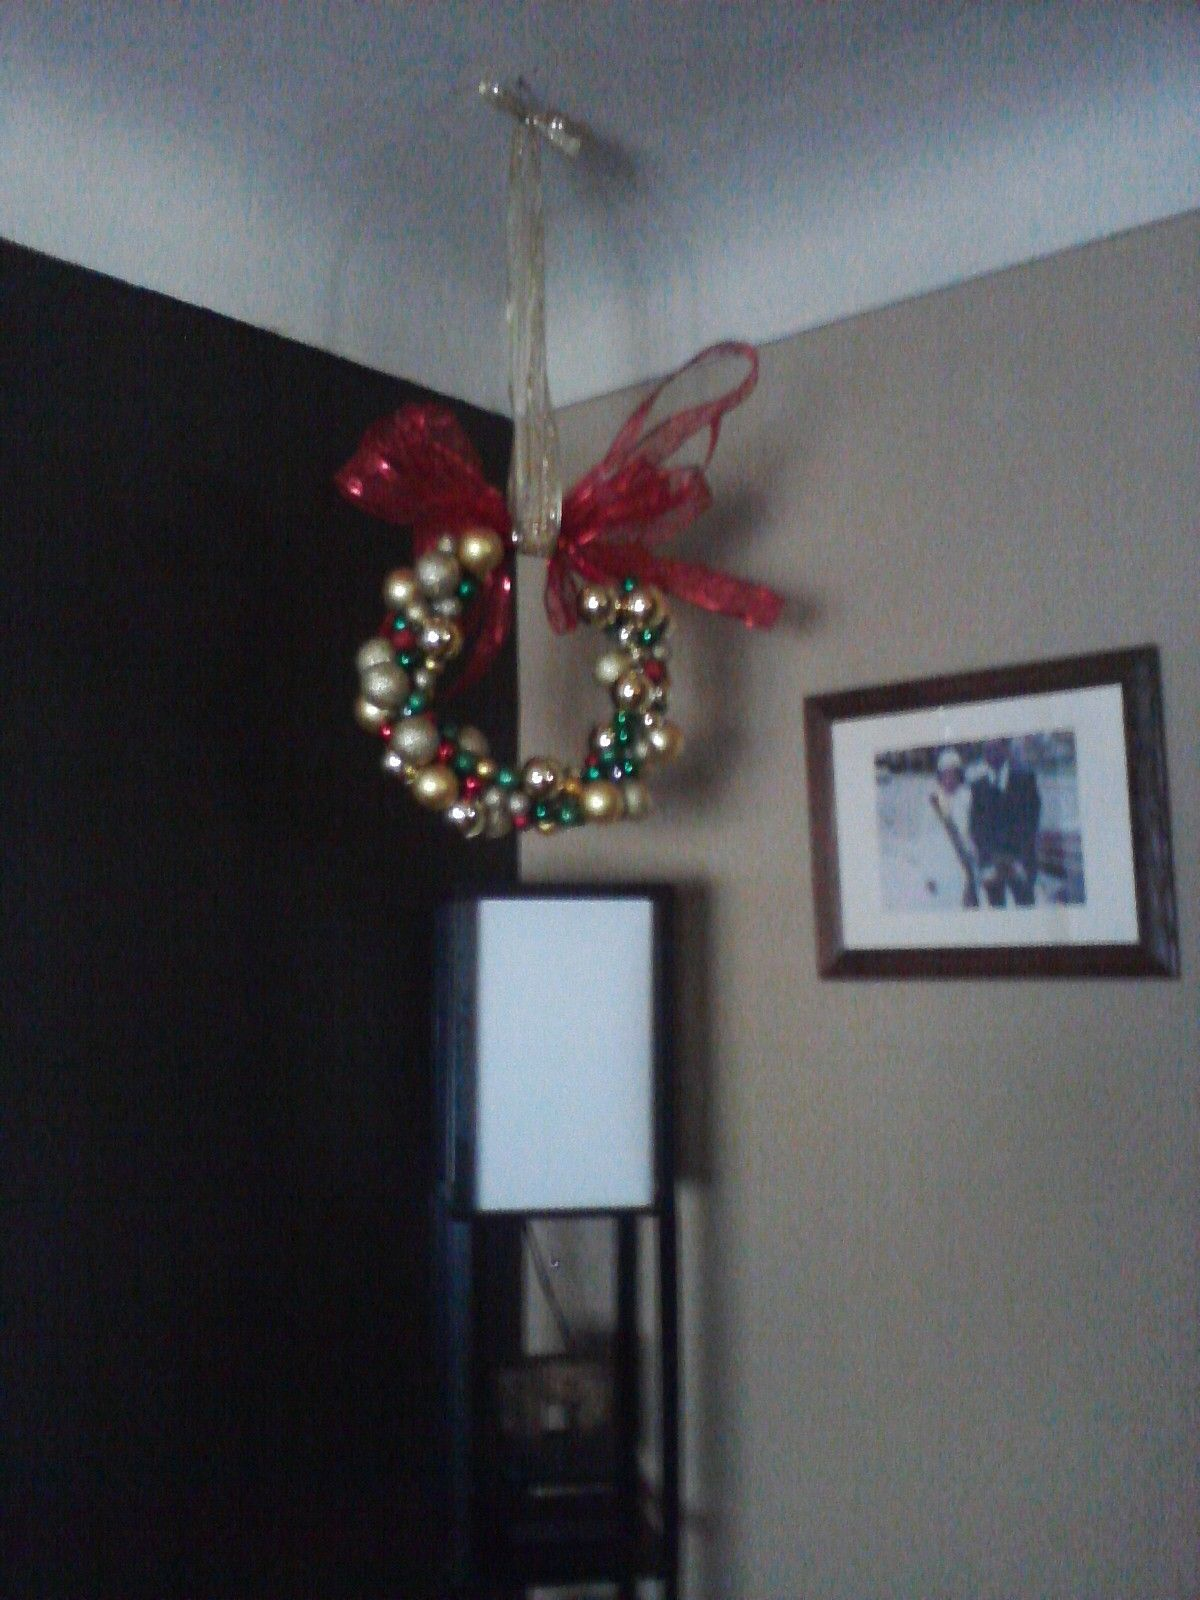 Bulb wreath